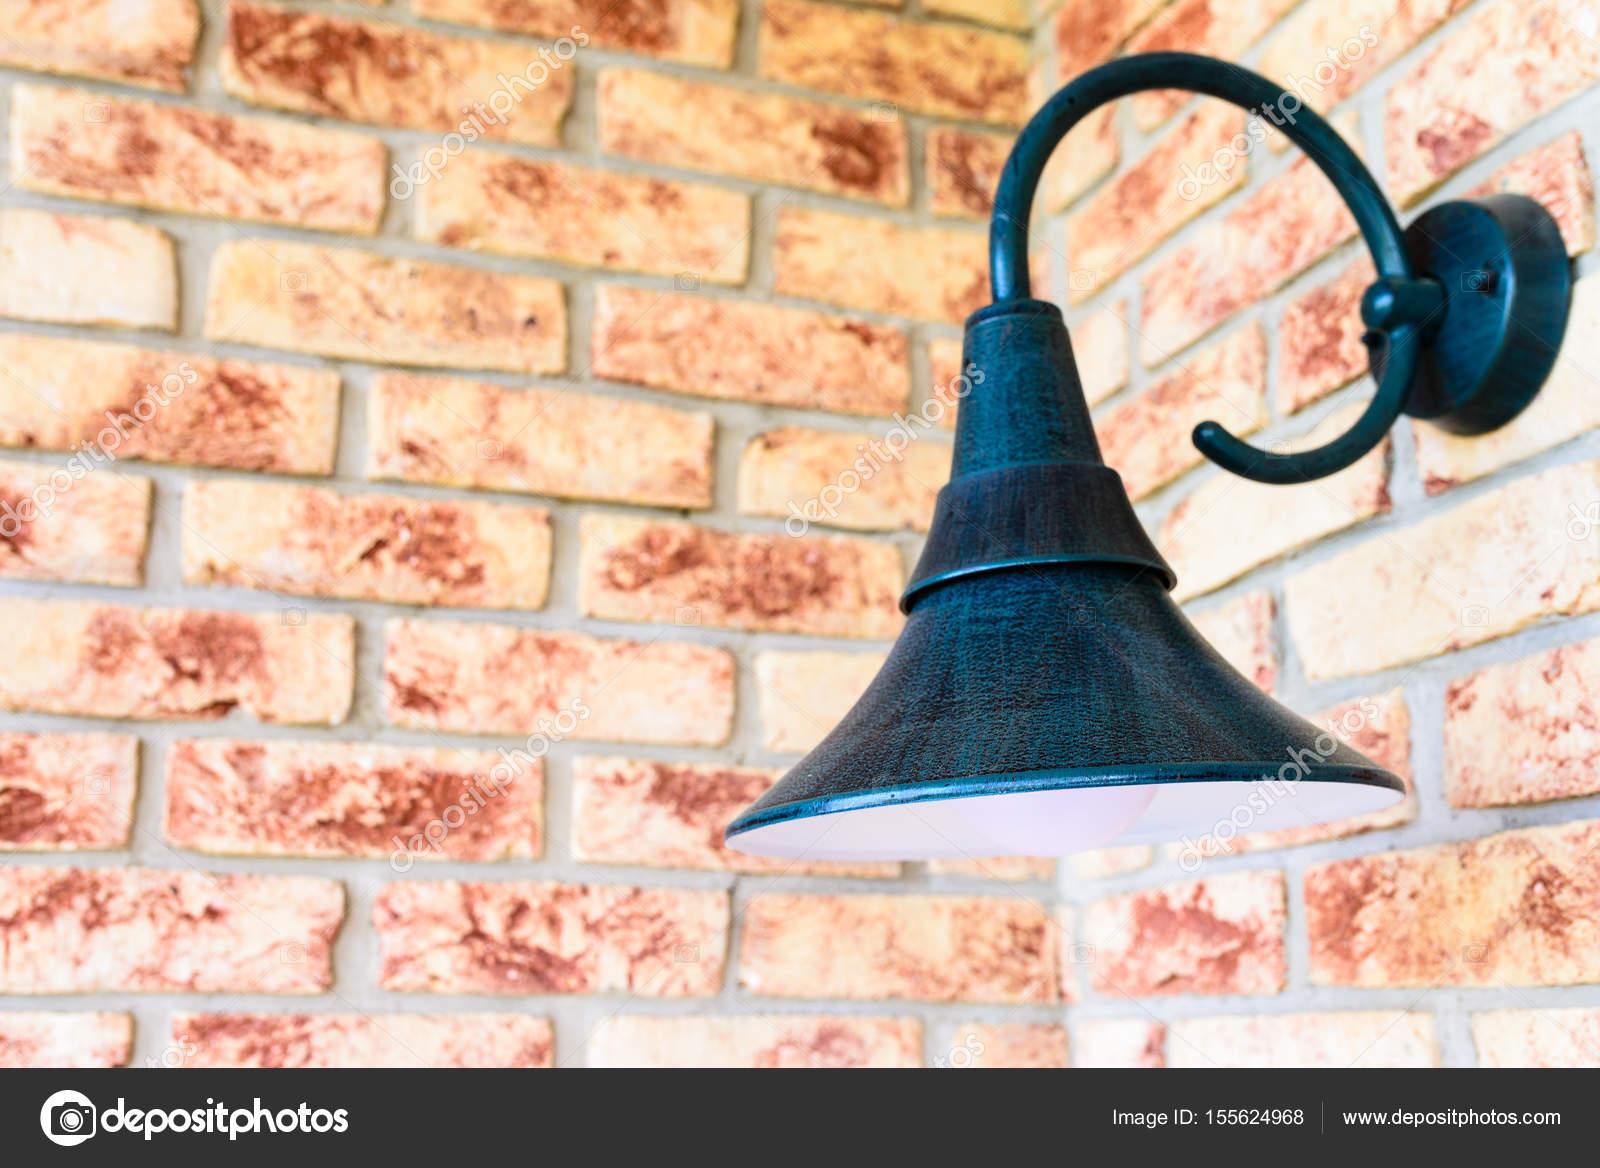 Lampada da parete retrò vintage applique sul muro di